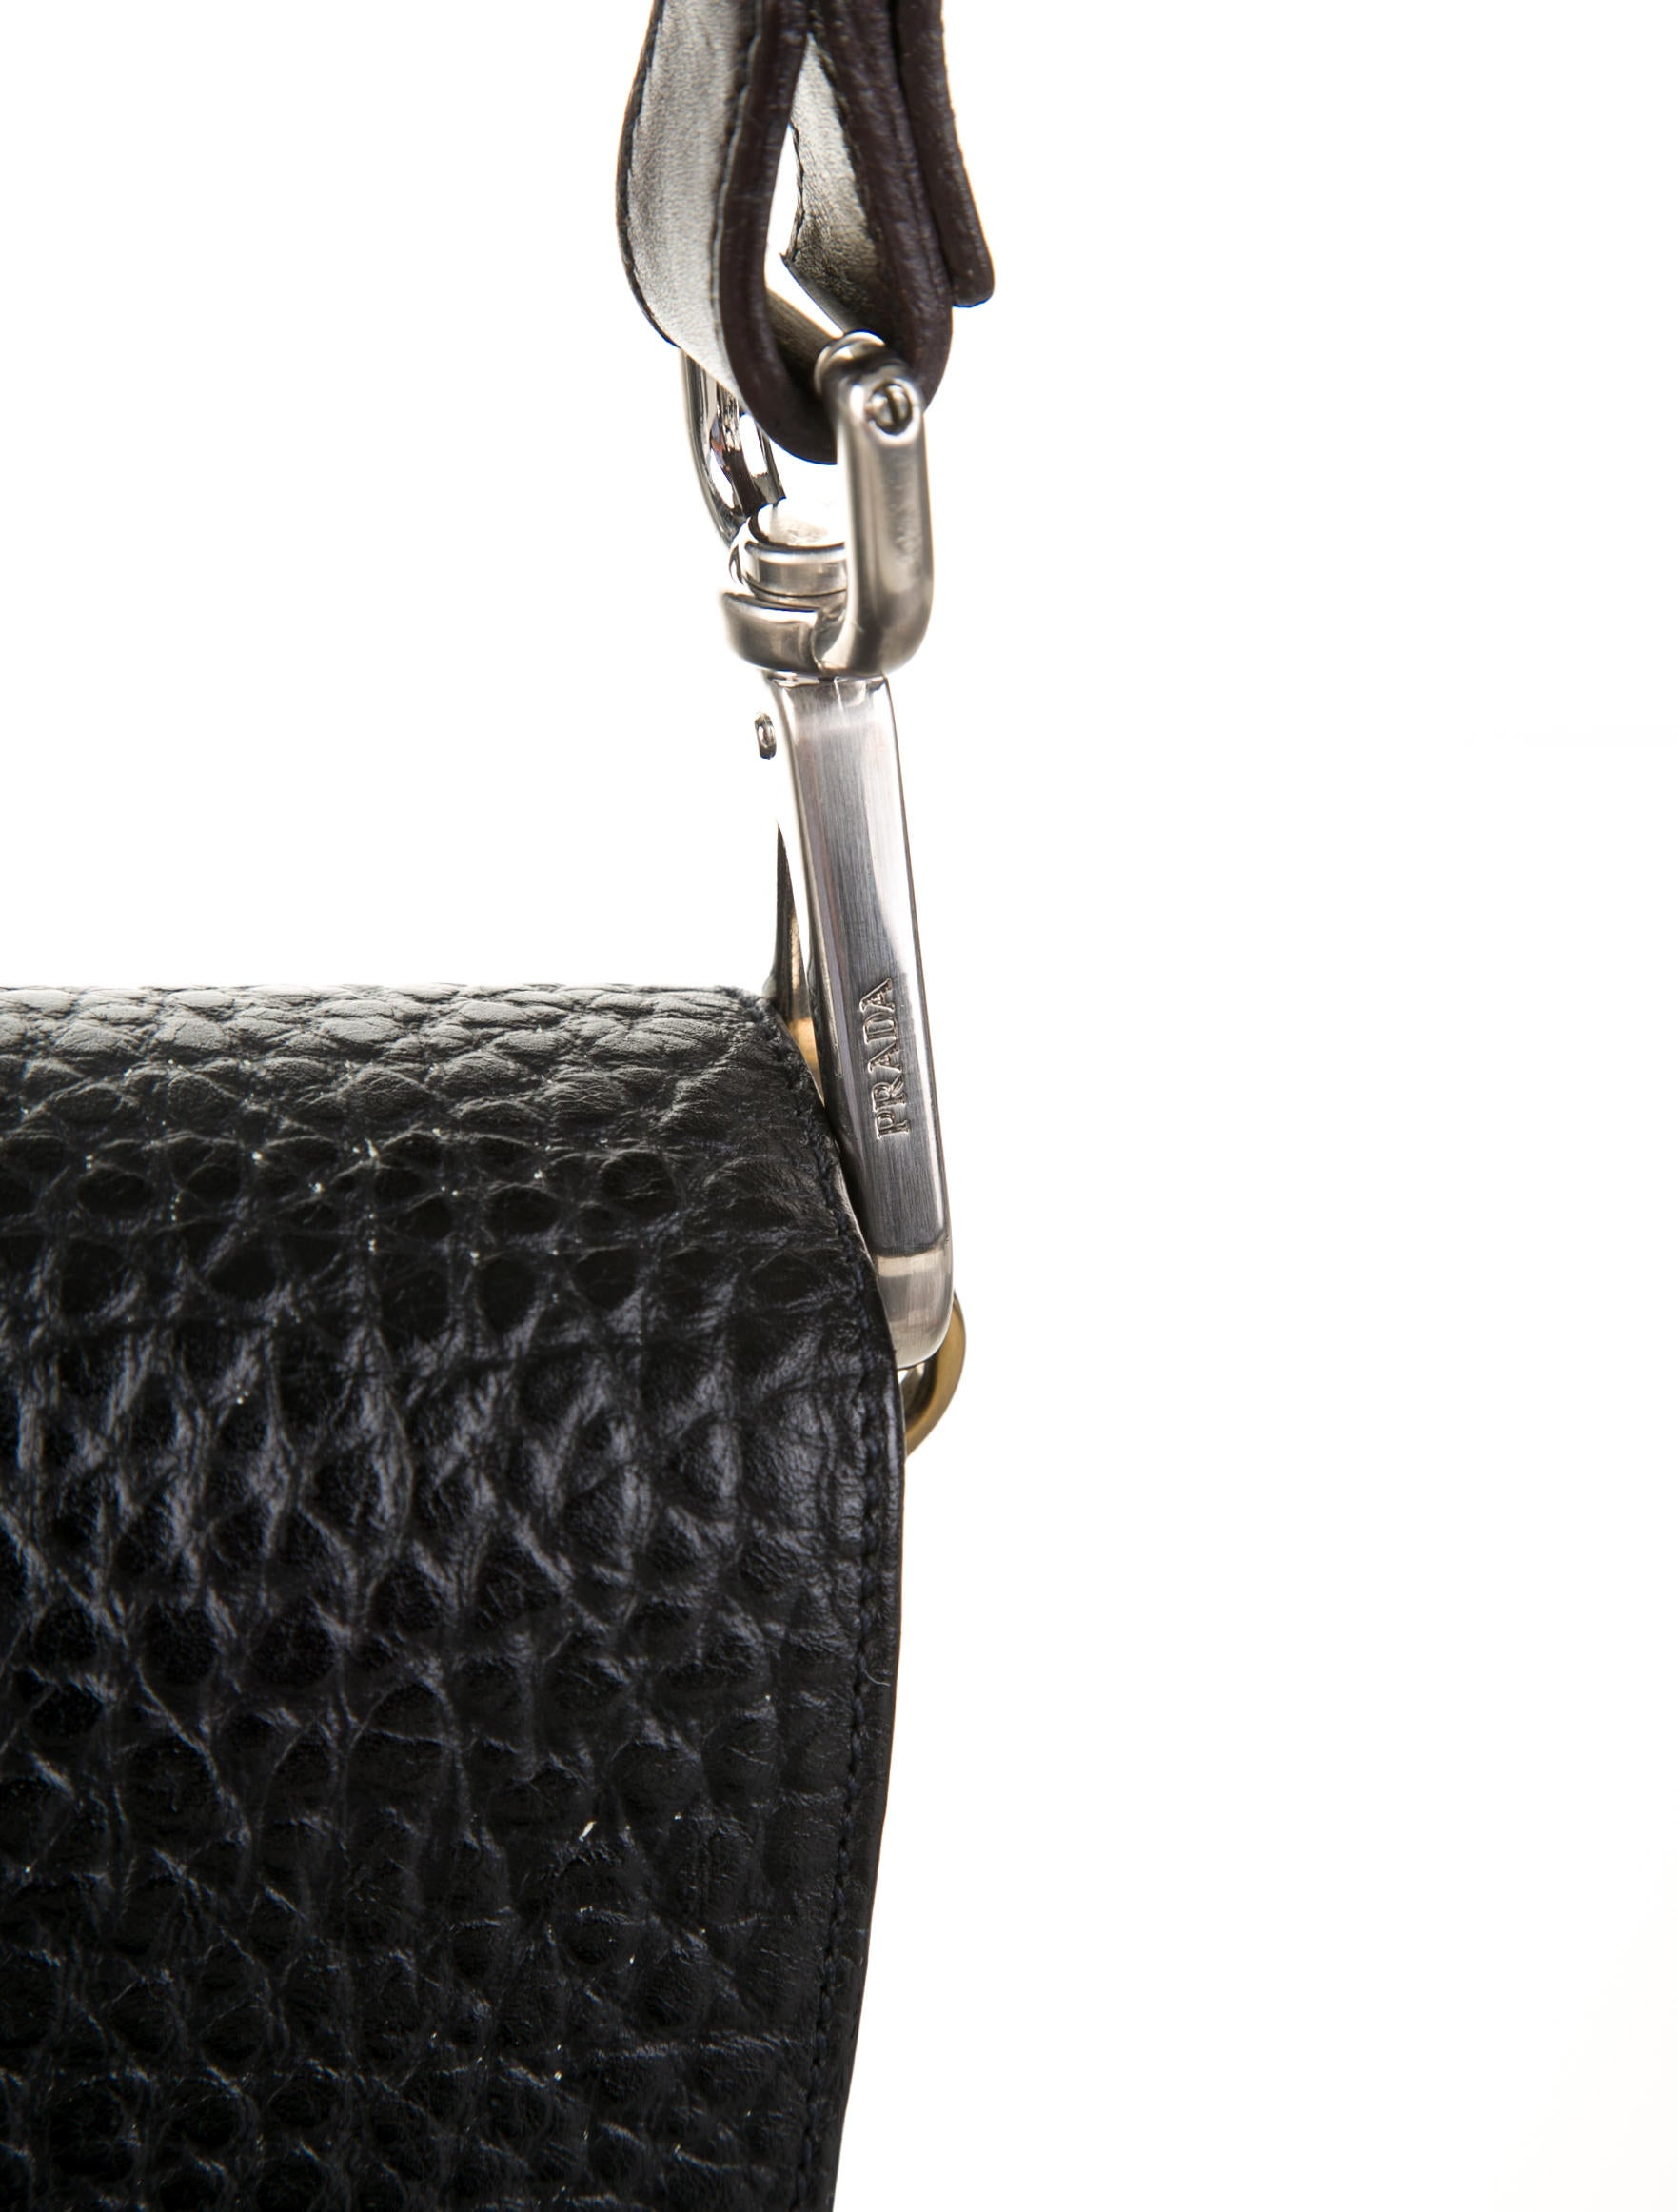 Prada Sound Line Bag - Handbags - PRA61884 | The RealReal